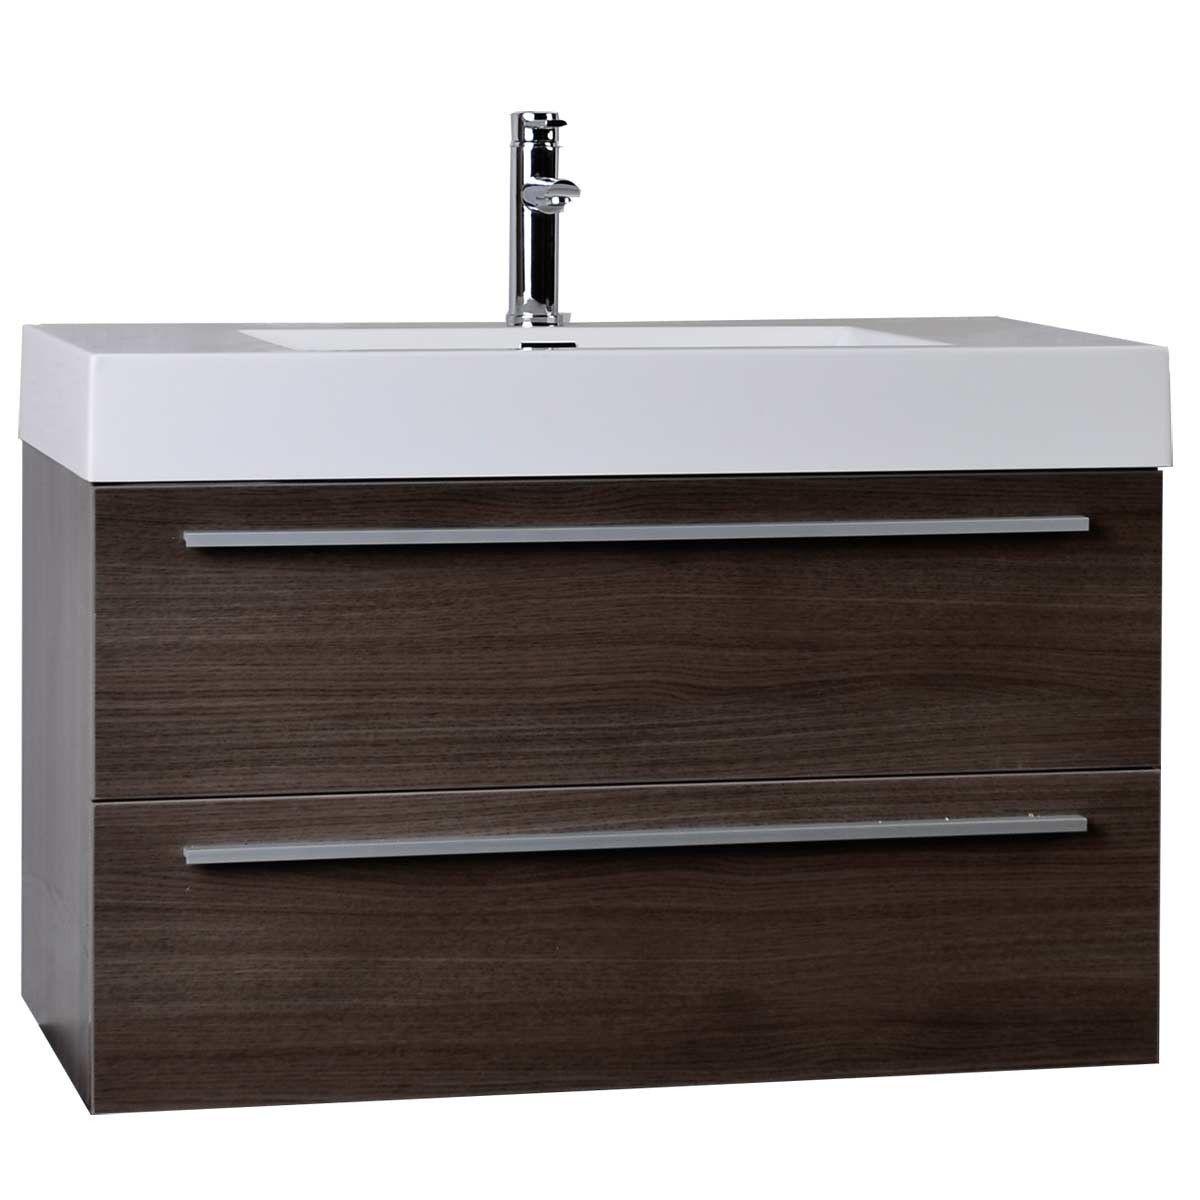 35 5 Modern Bathroom Vanities Grey Modern Bathroom Vanity Contemporary Bathroom Vanity